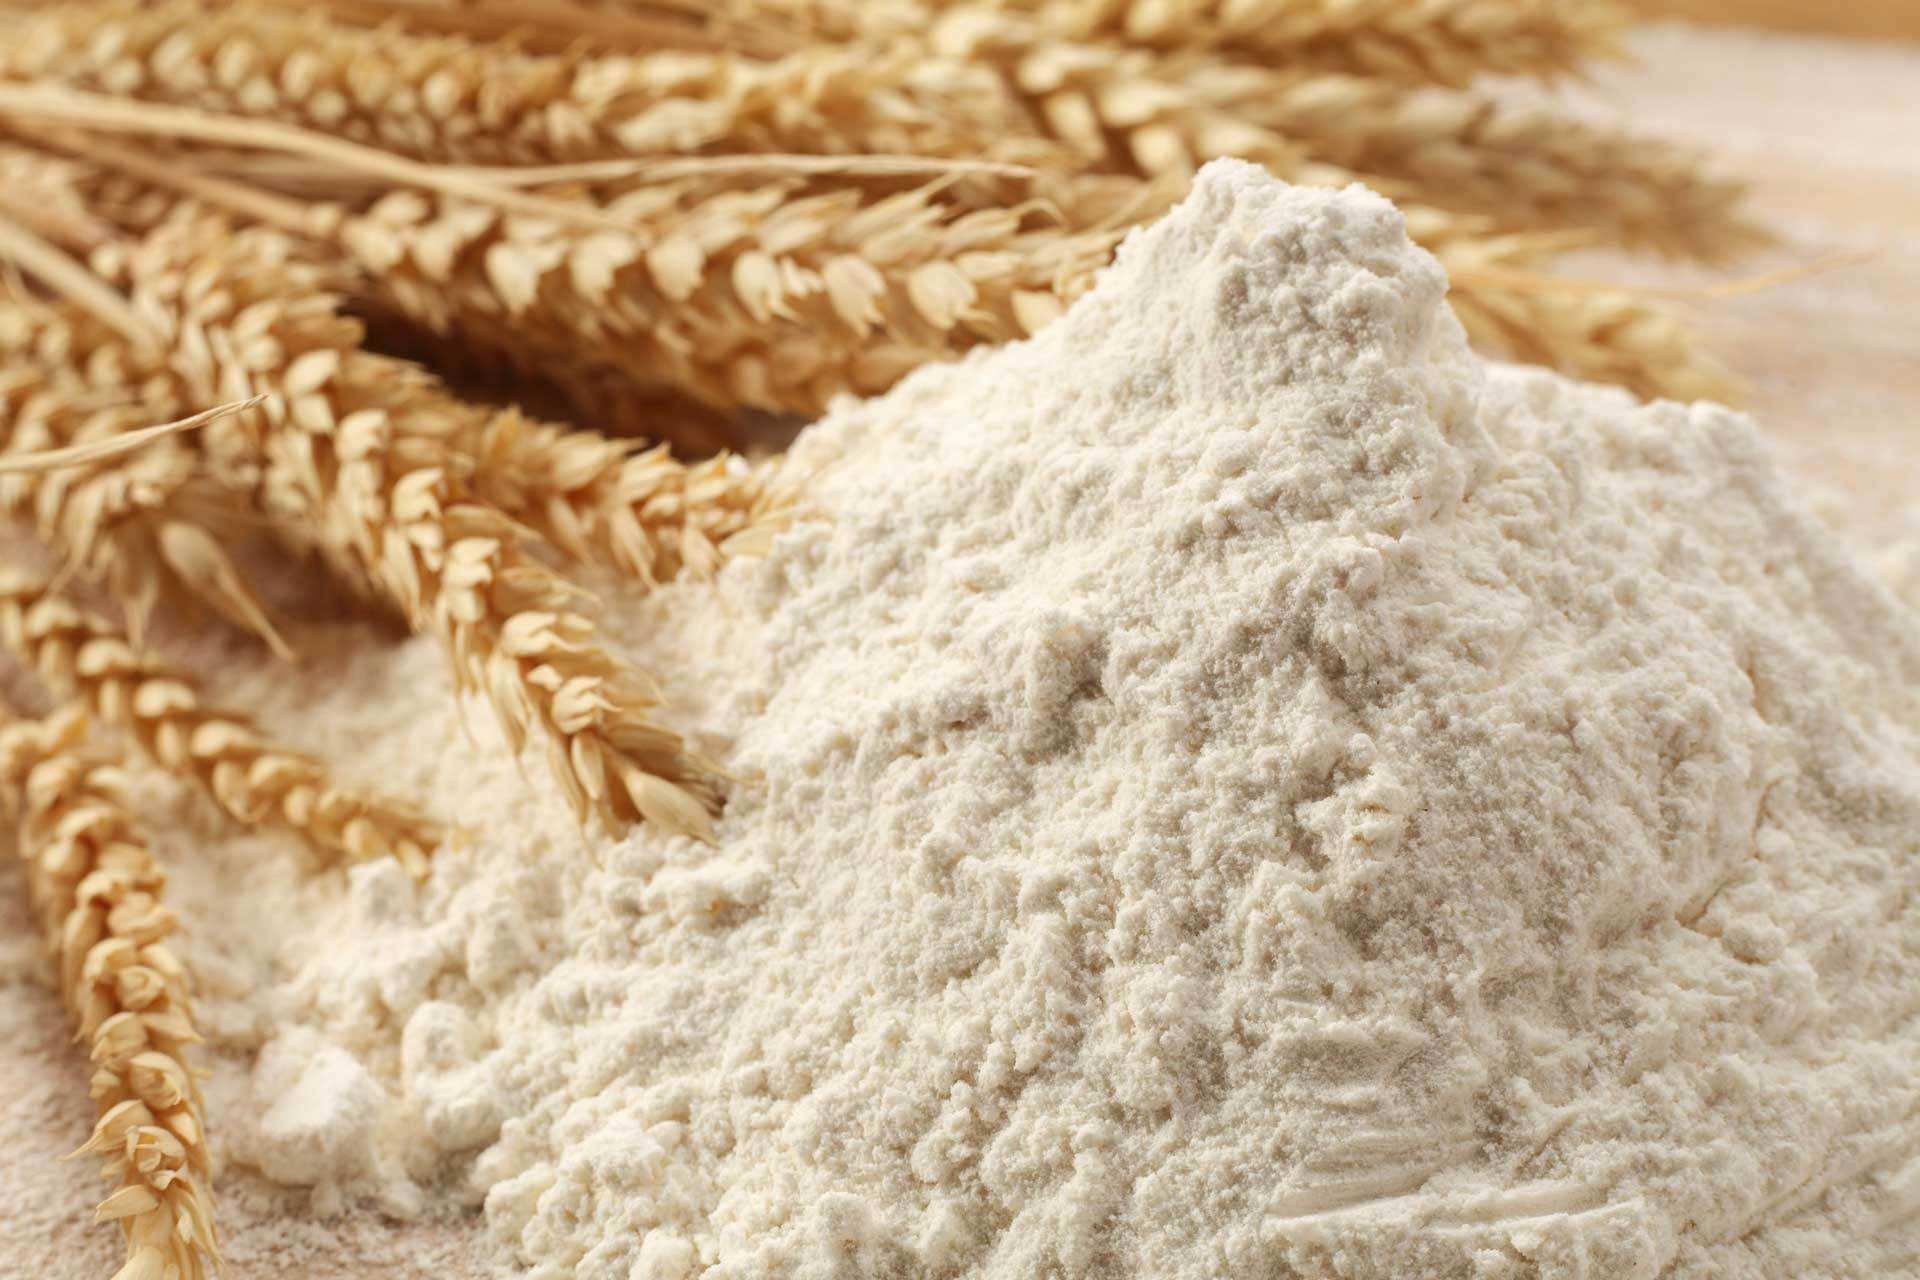 红寺堡石磨面粉-宁夏石磨面粉广告-宁夏石磨面粉成本